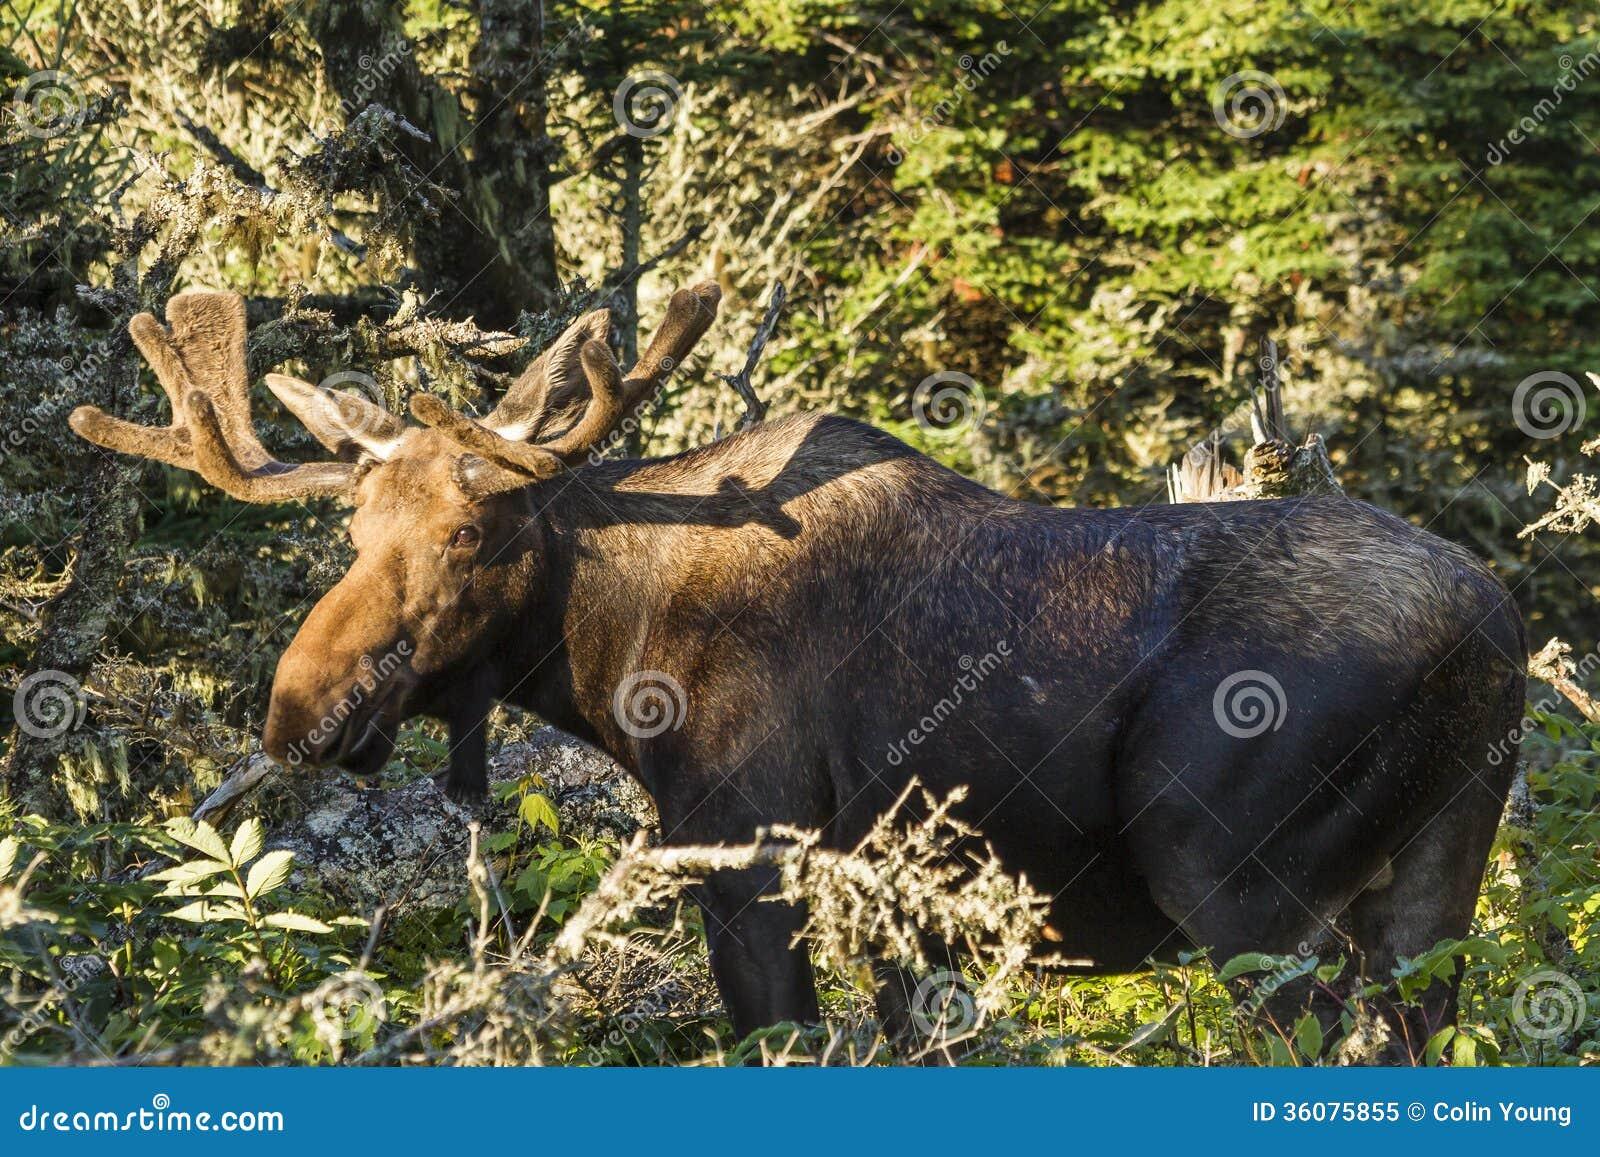 Bull Moose in the Sun